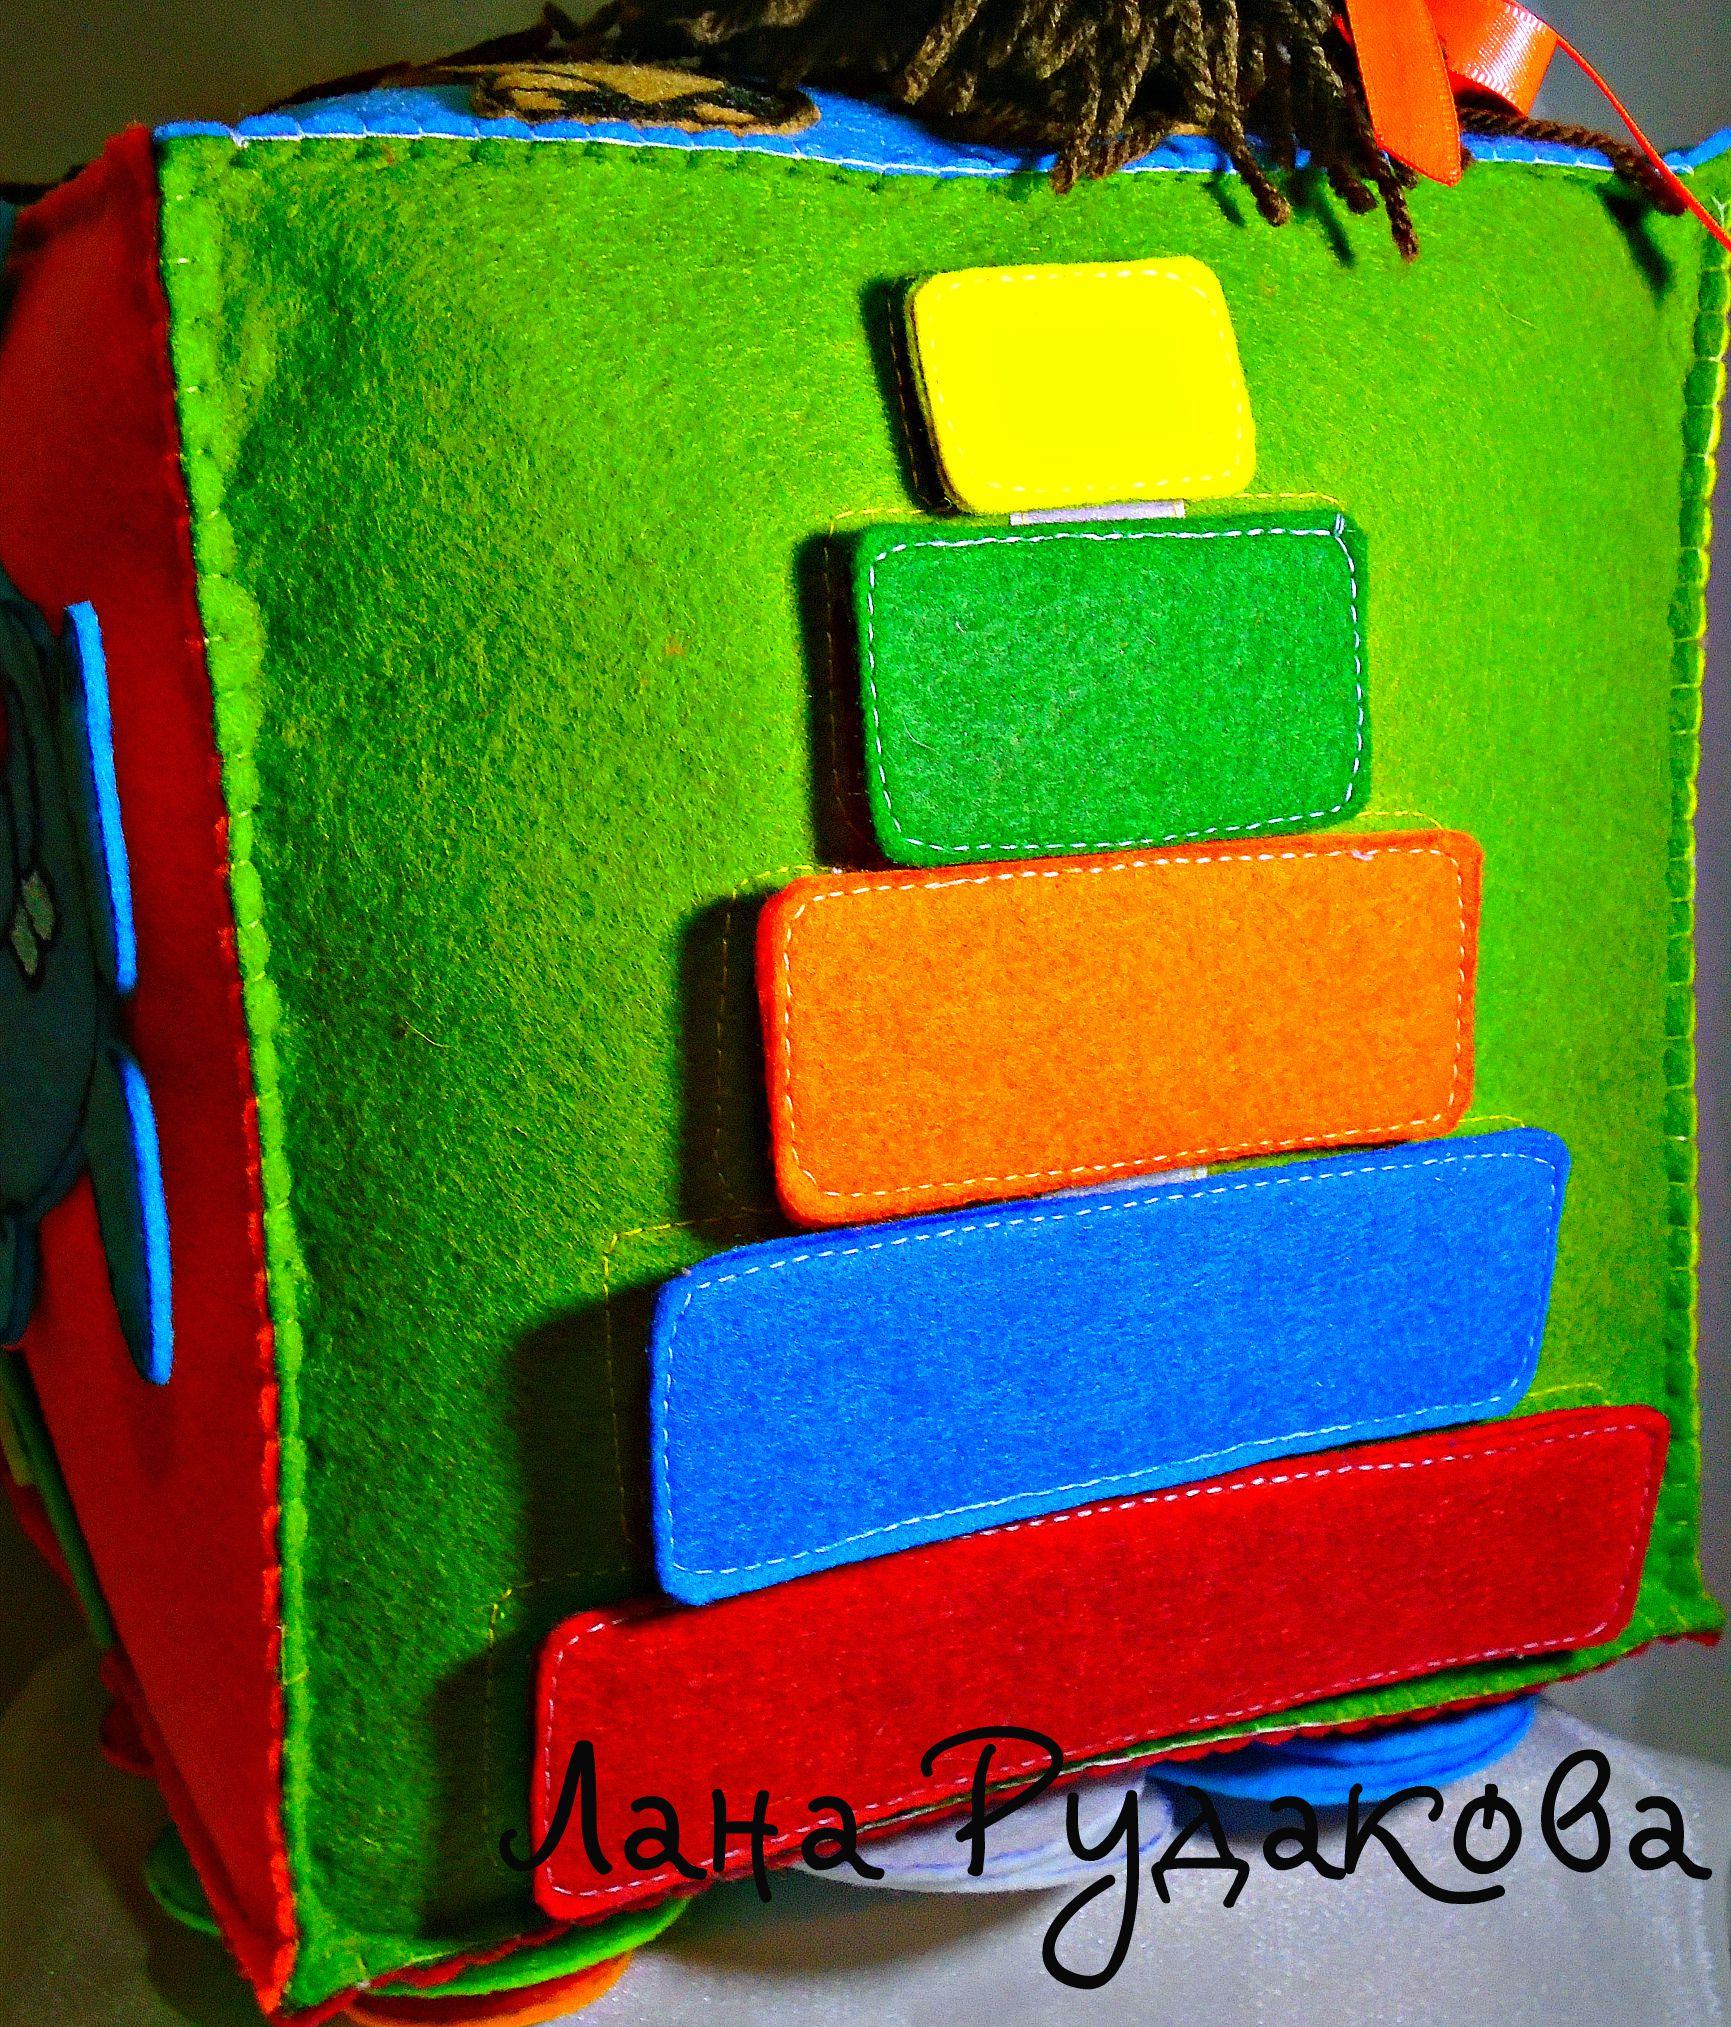 малышам играть детям фетр развивать игры игра моторика куб игрушка